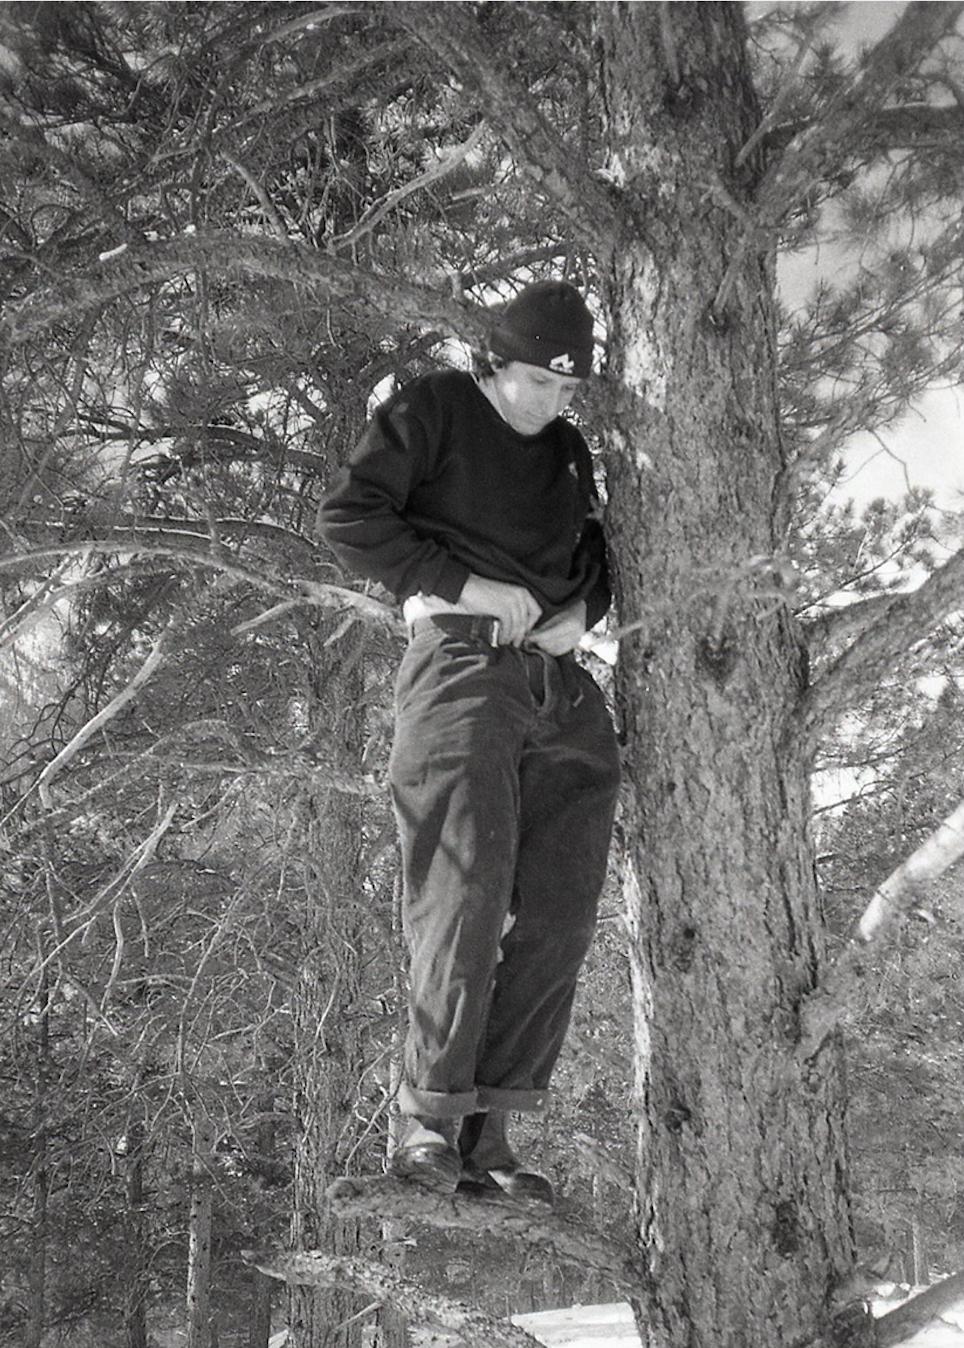 Matt pullin up pants in tree